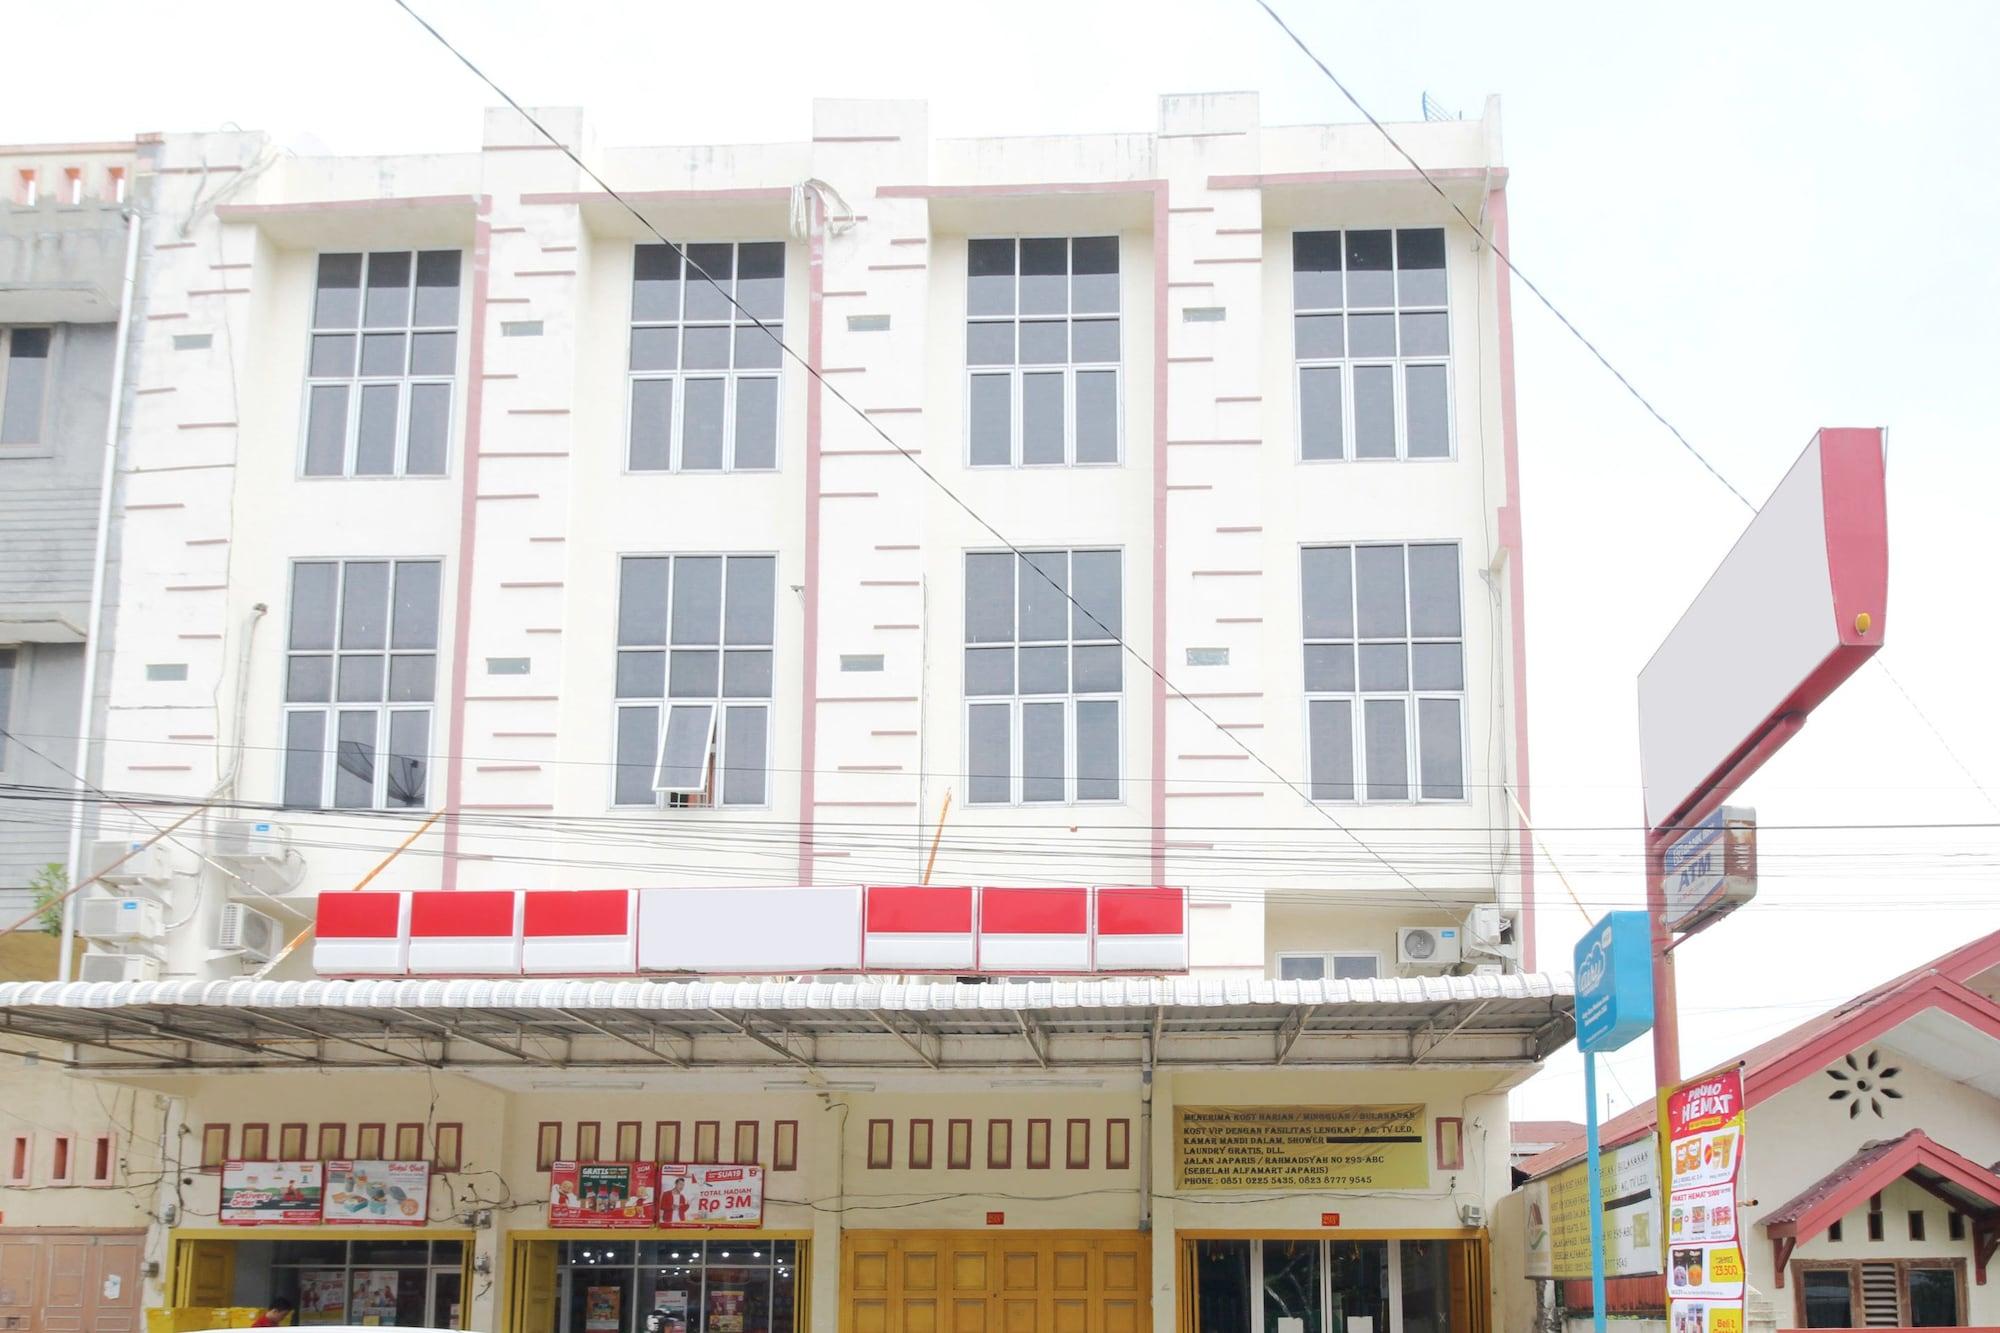 Sky Inn Japaris 1 Medan, Medan